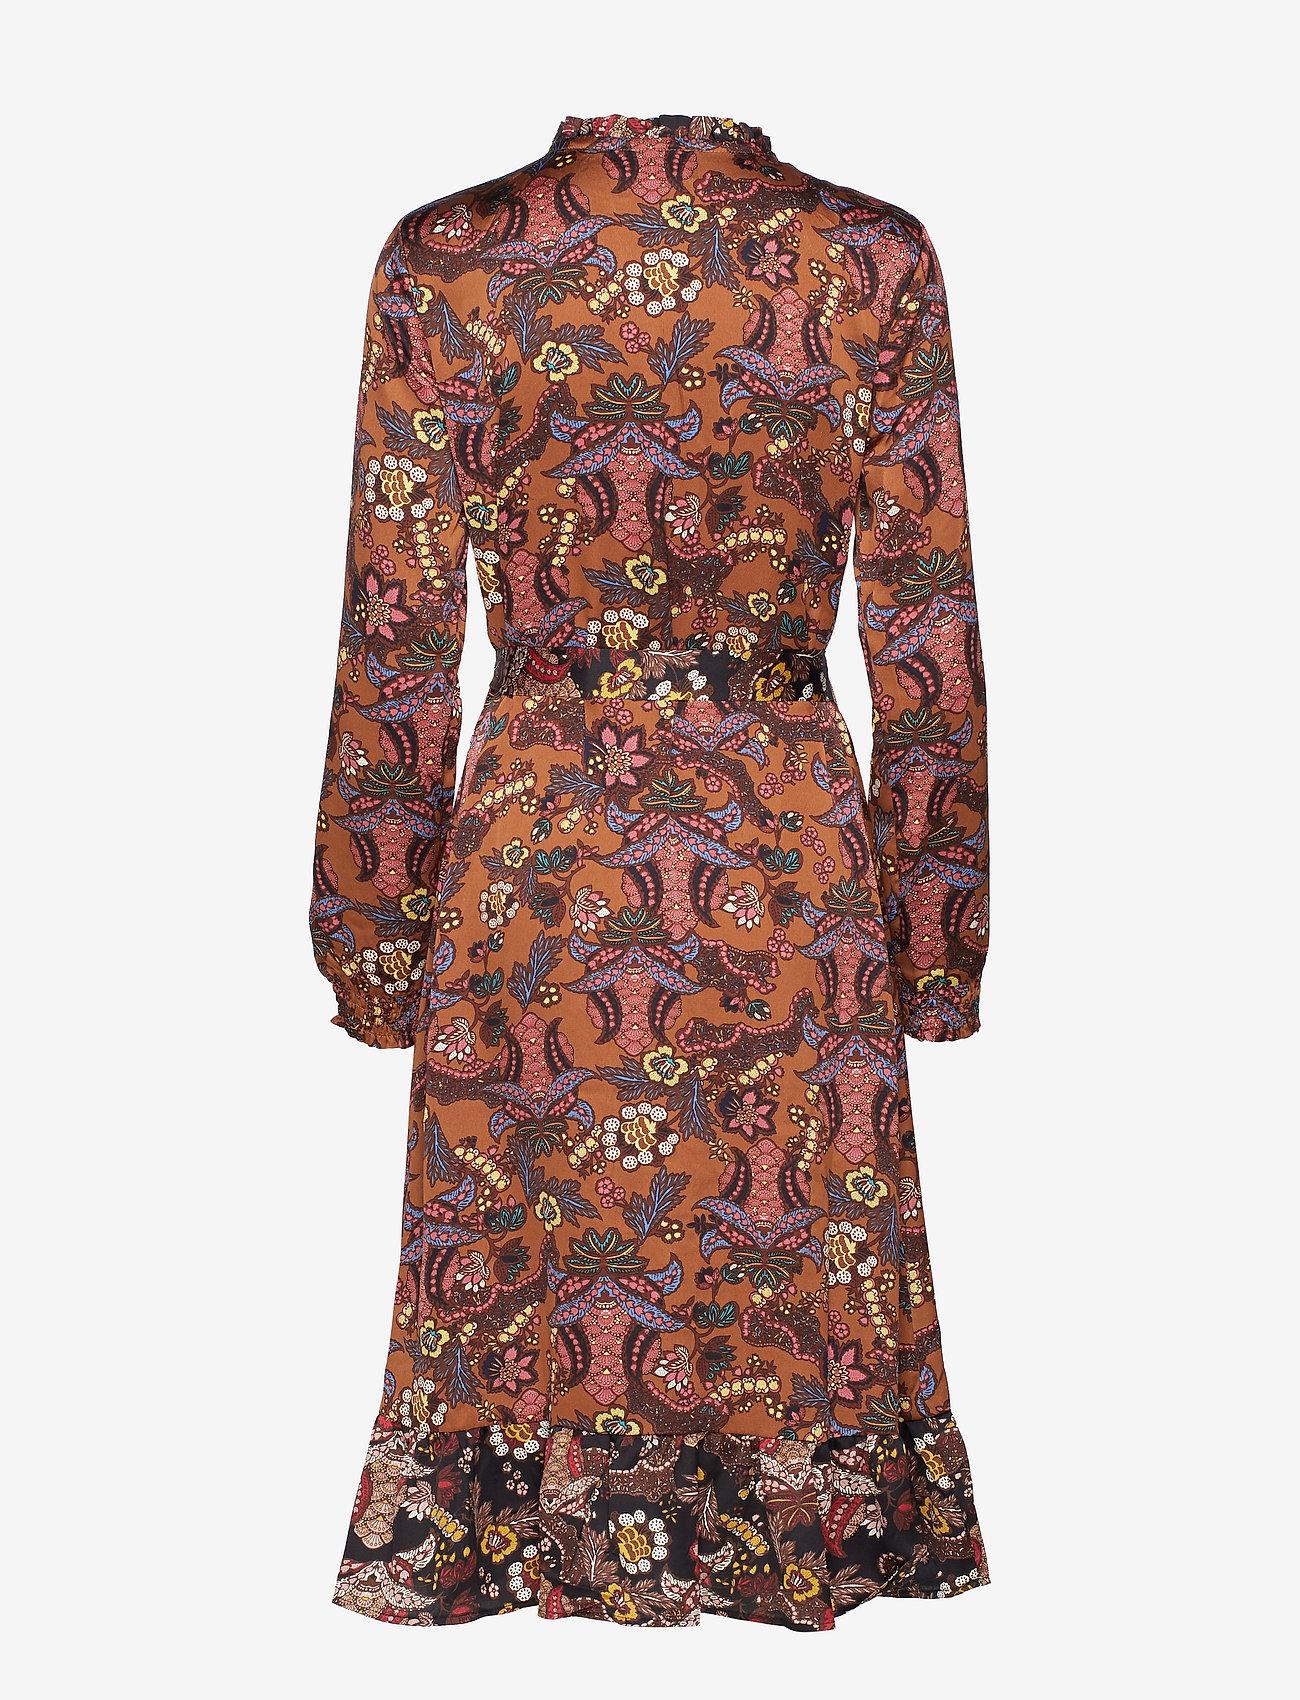 Minus Cardi dress - Sukienki AUTUMN BLOOM TOBACCO PRINT - Kobiety Odzież.